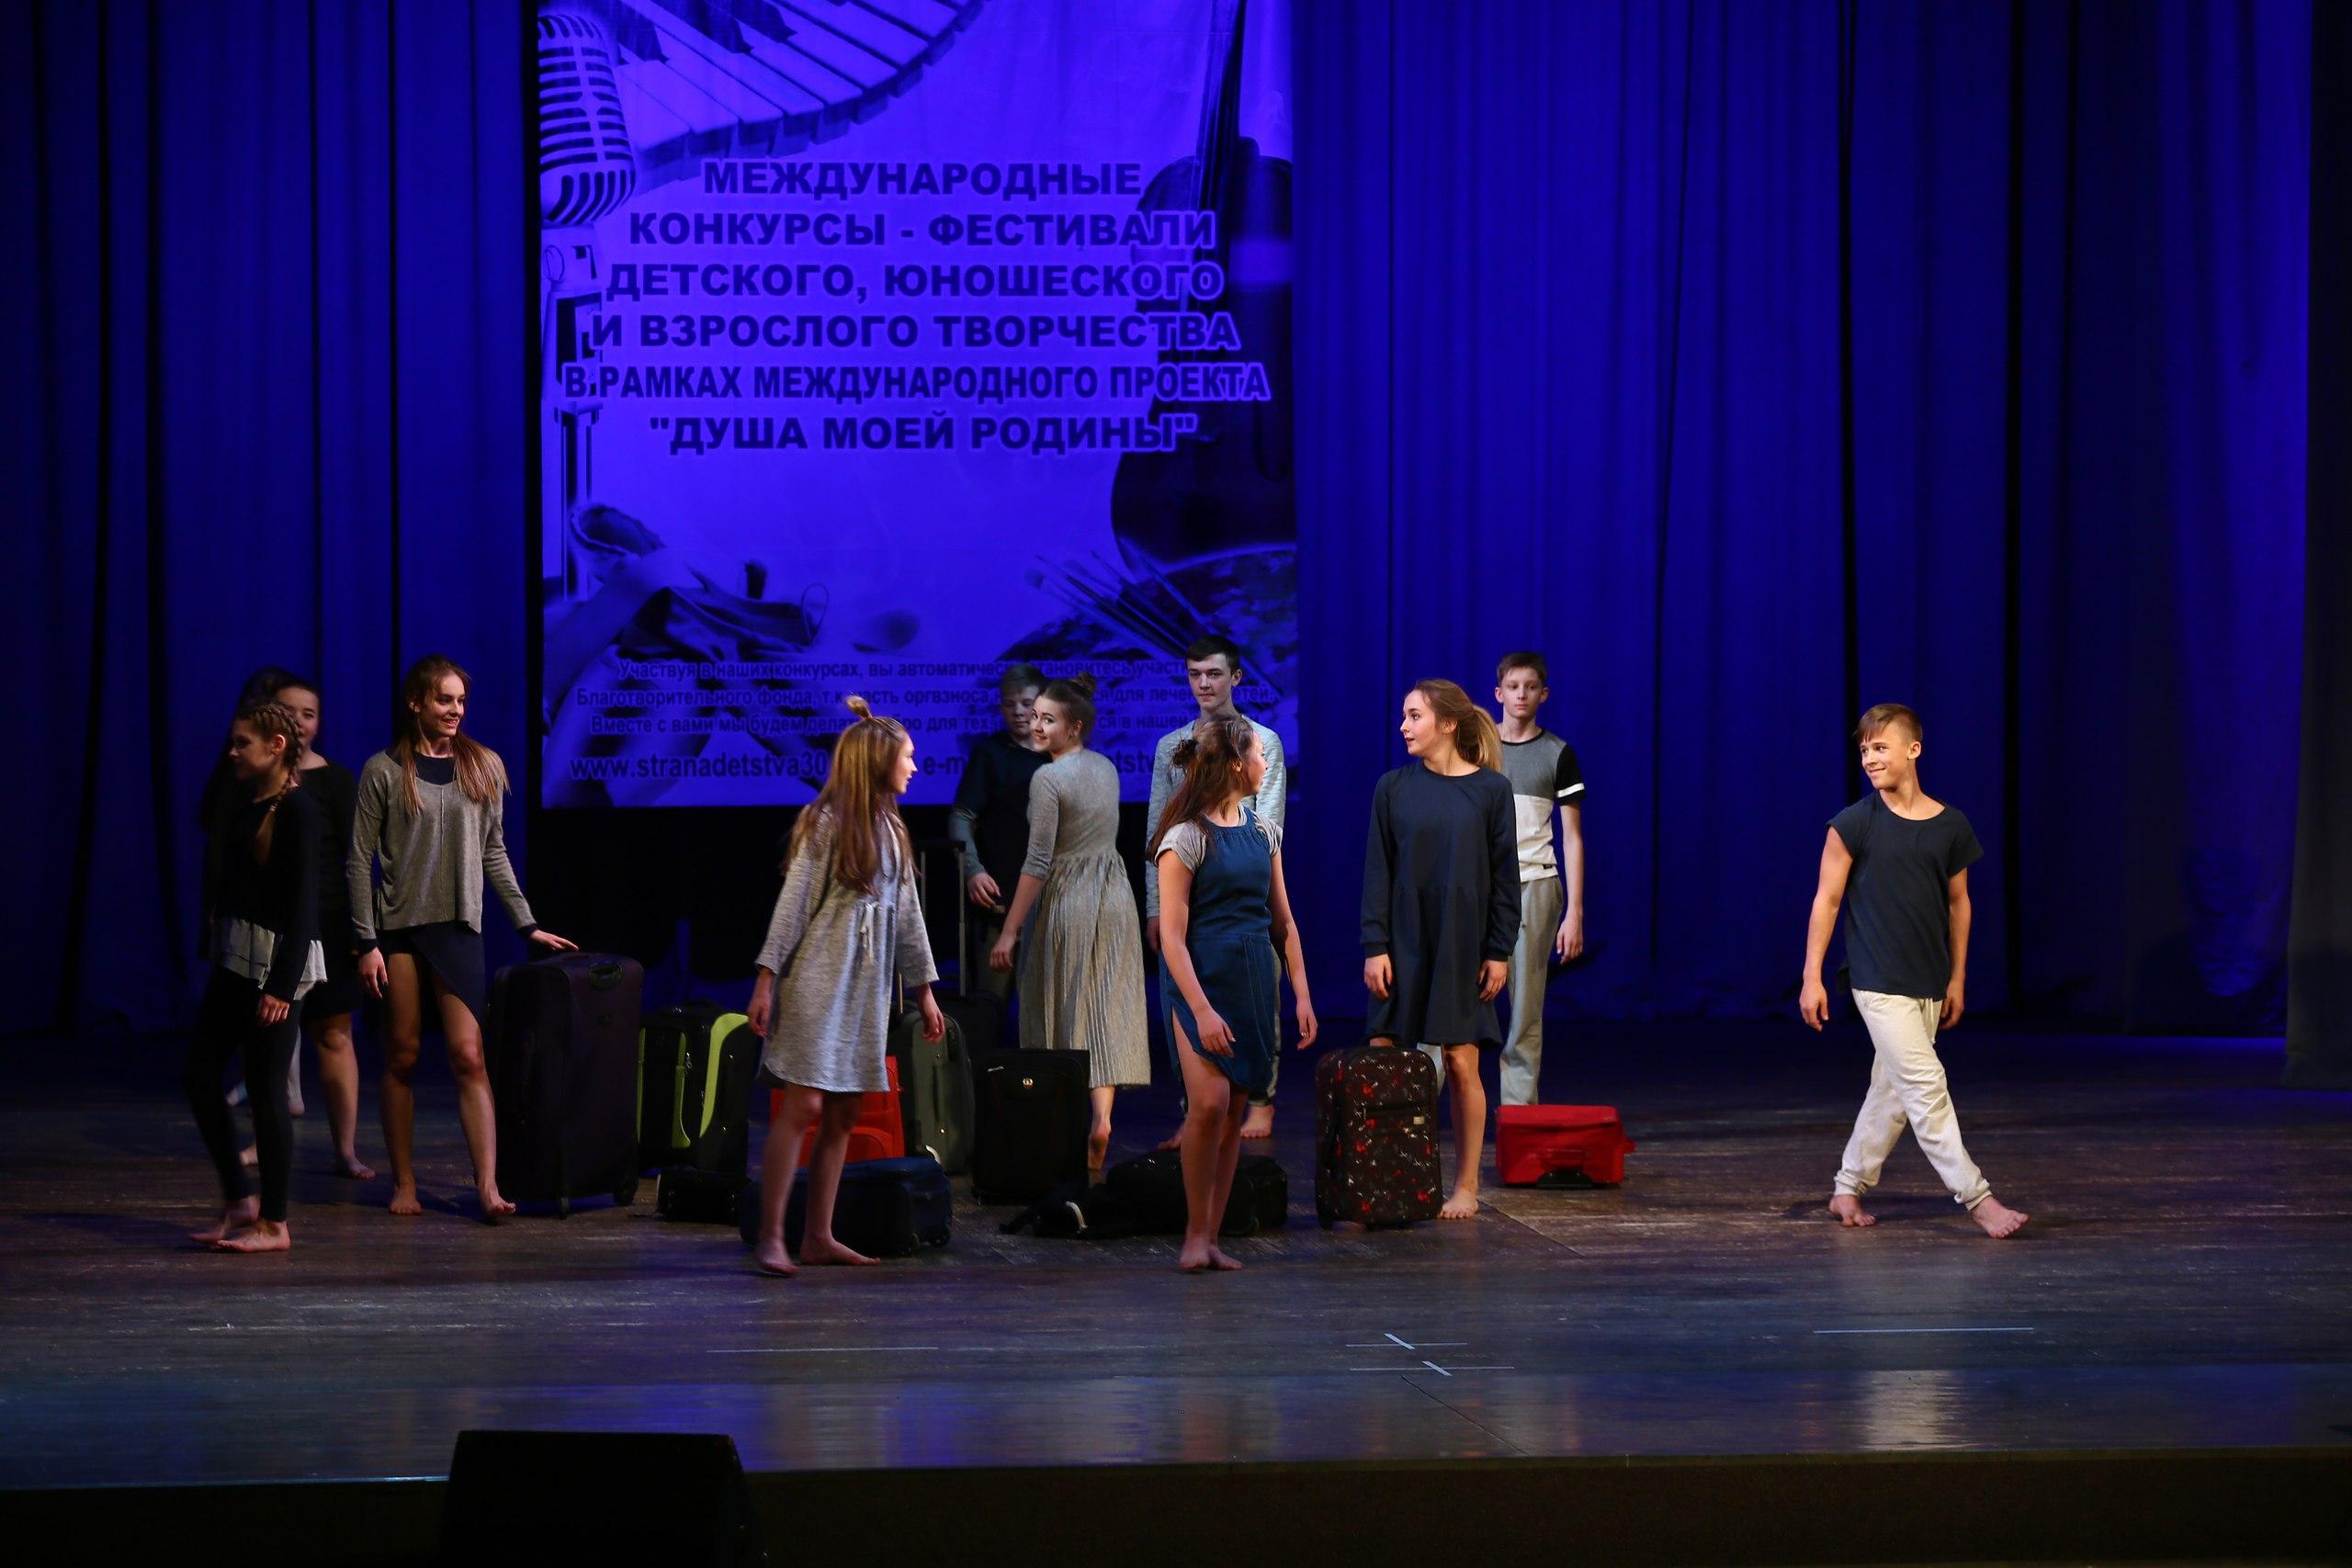 VI Международный конкурс-фестиваль детского, юношеского и взрослого творчества  «ПЕТЕРБУРГСКИЙ ЗВЕЗДОПАД»